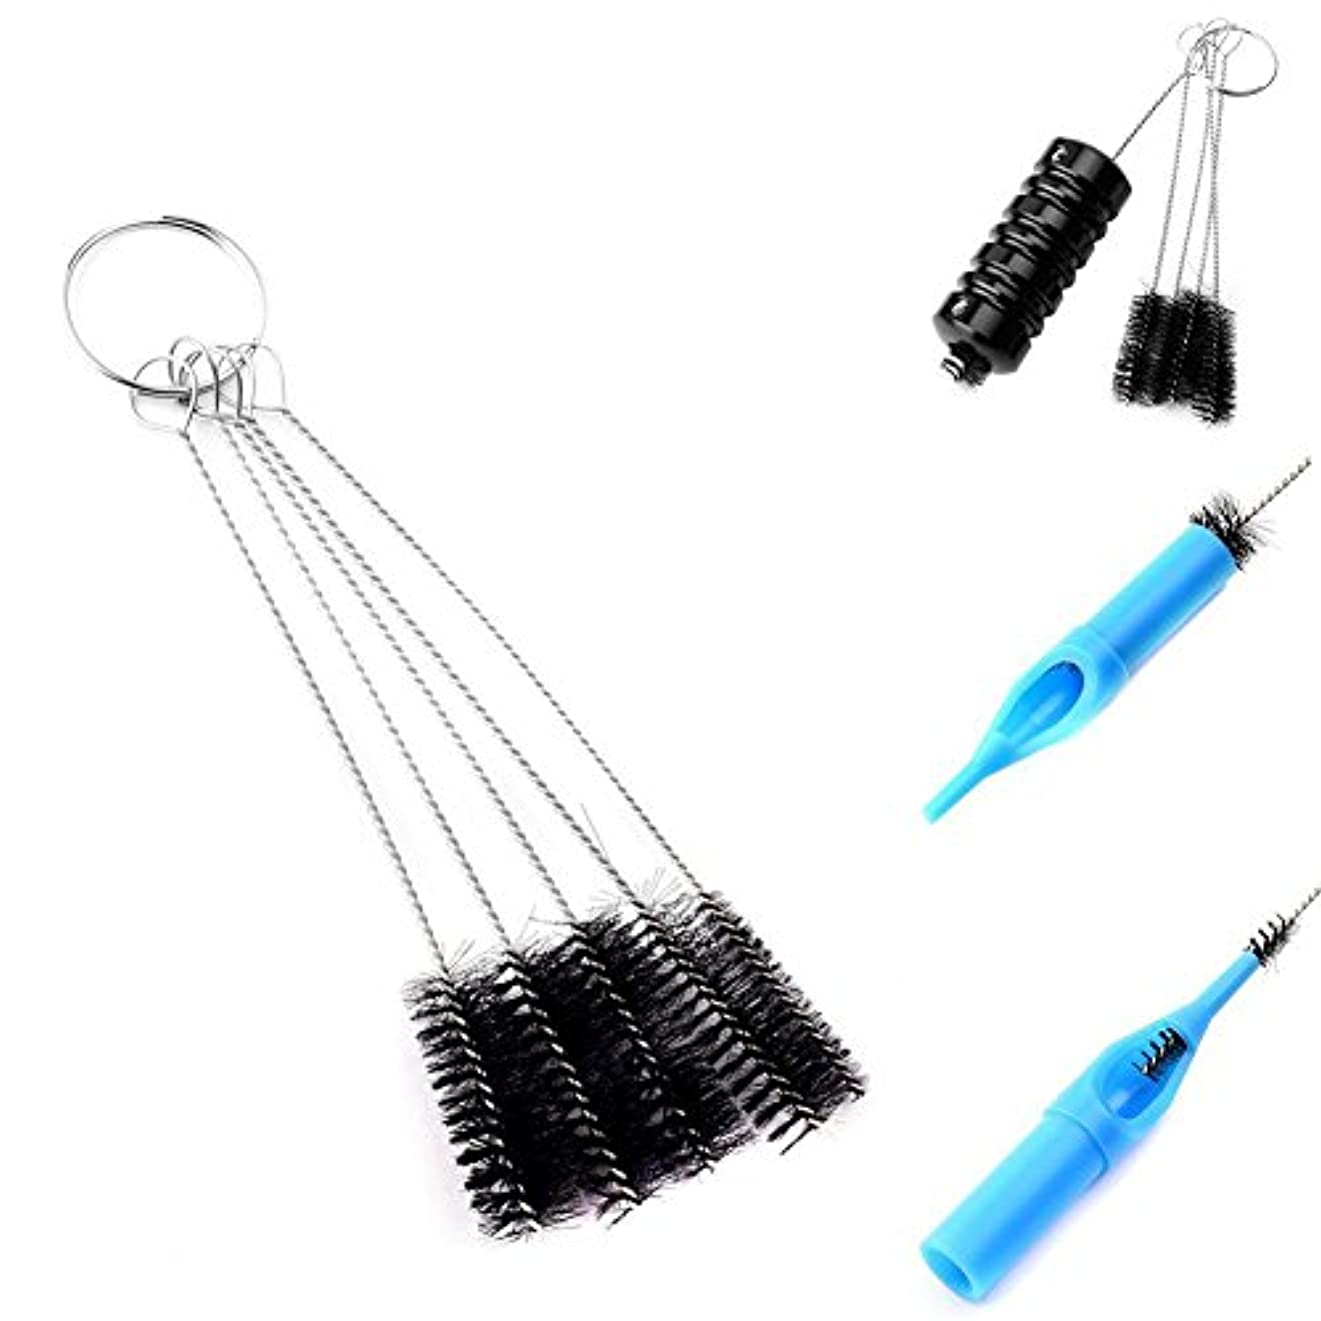 価格生む卒業Demiawaking 5個 多機能ツール タトゥー機器 針ブラシ ブラシタトゥー洗浄用品